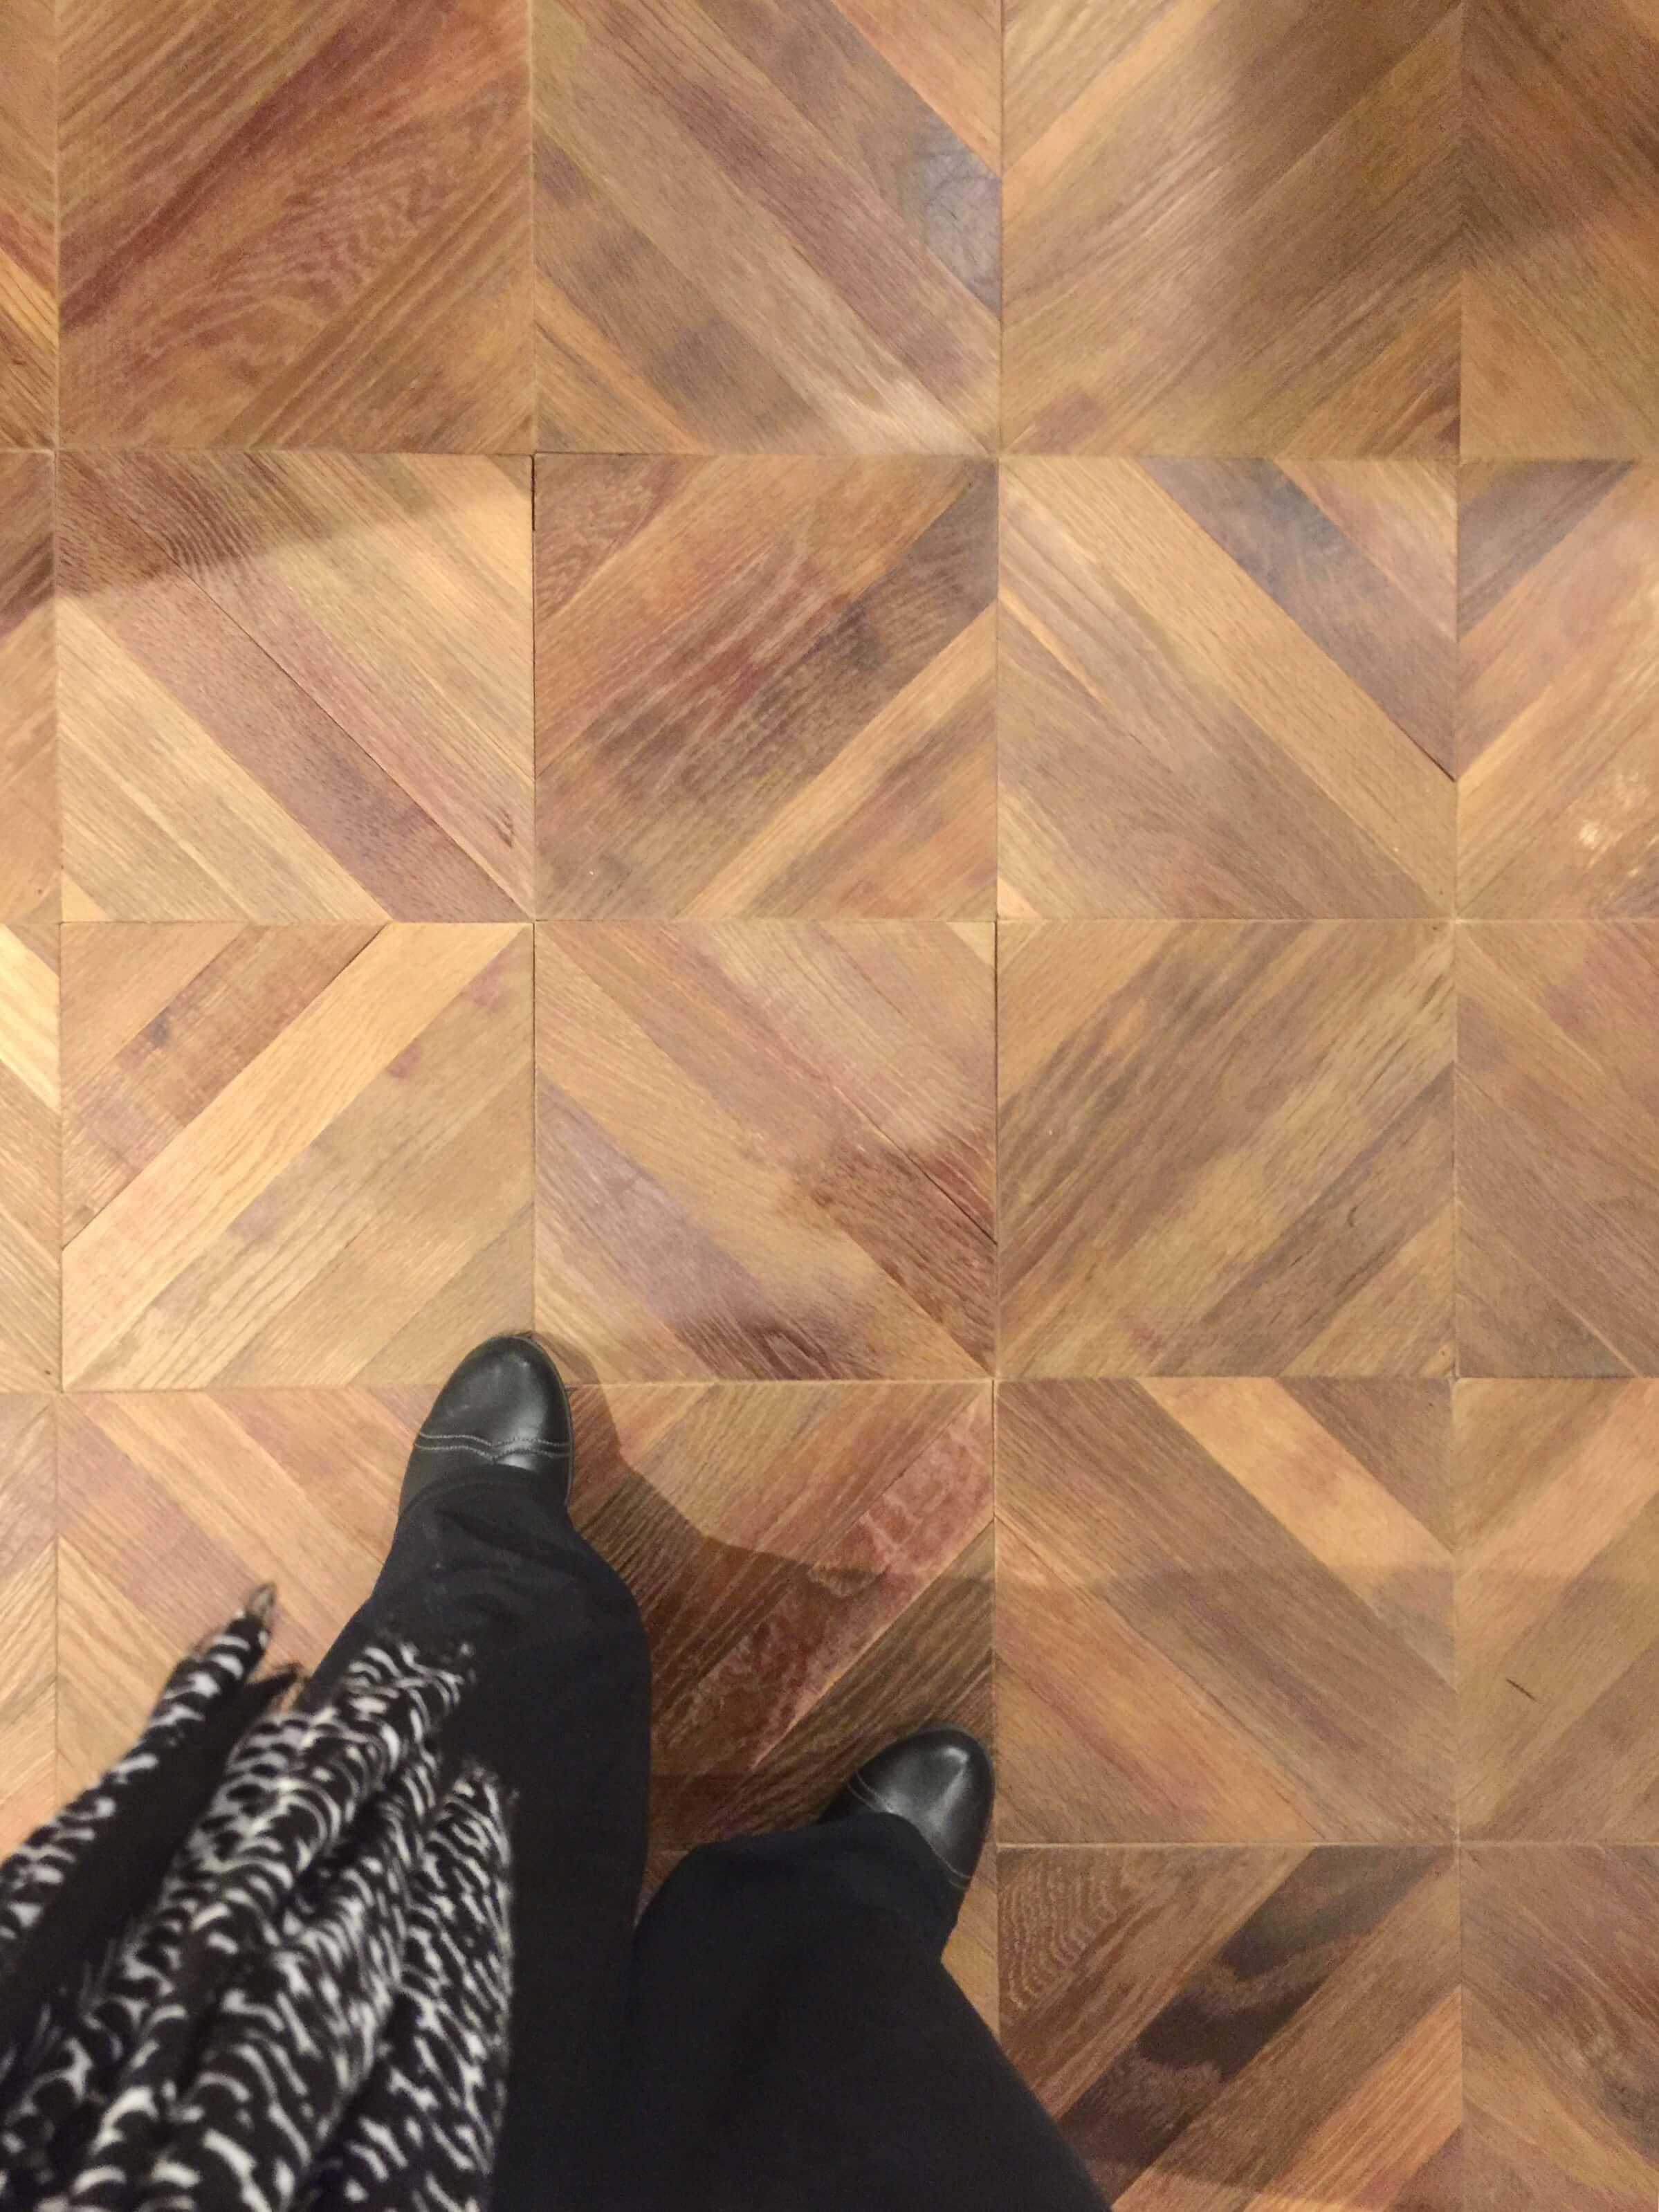 Wood flooring in The New American Remodel - Orlando, KBIS2018 #woodflooring #chevronwoodfloor #floorpattern